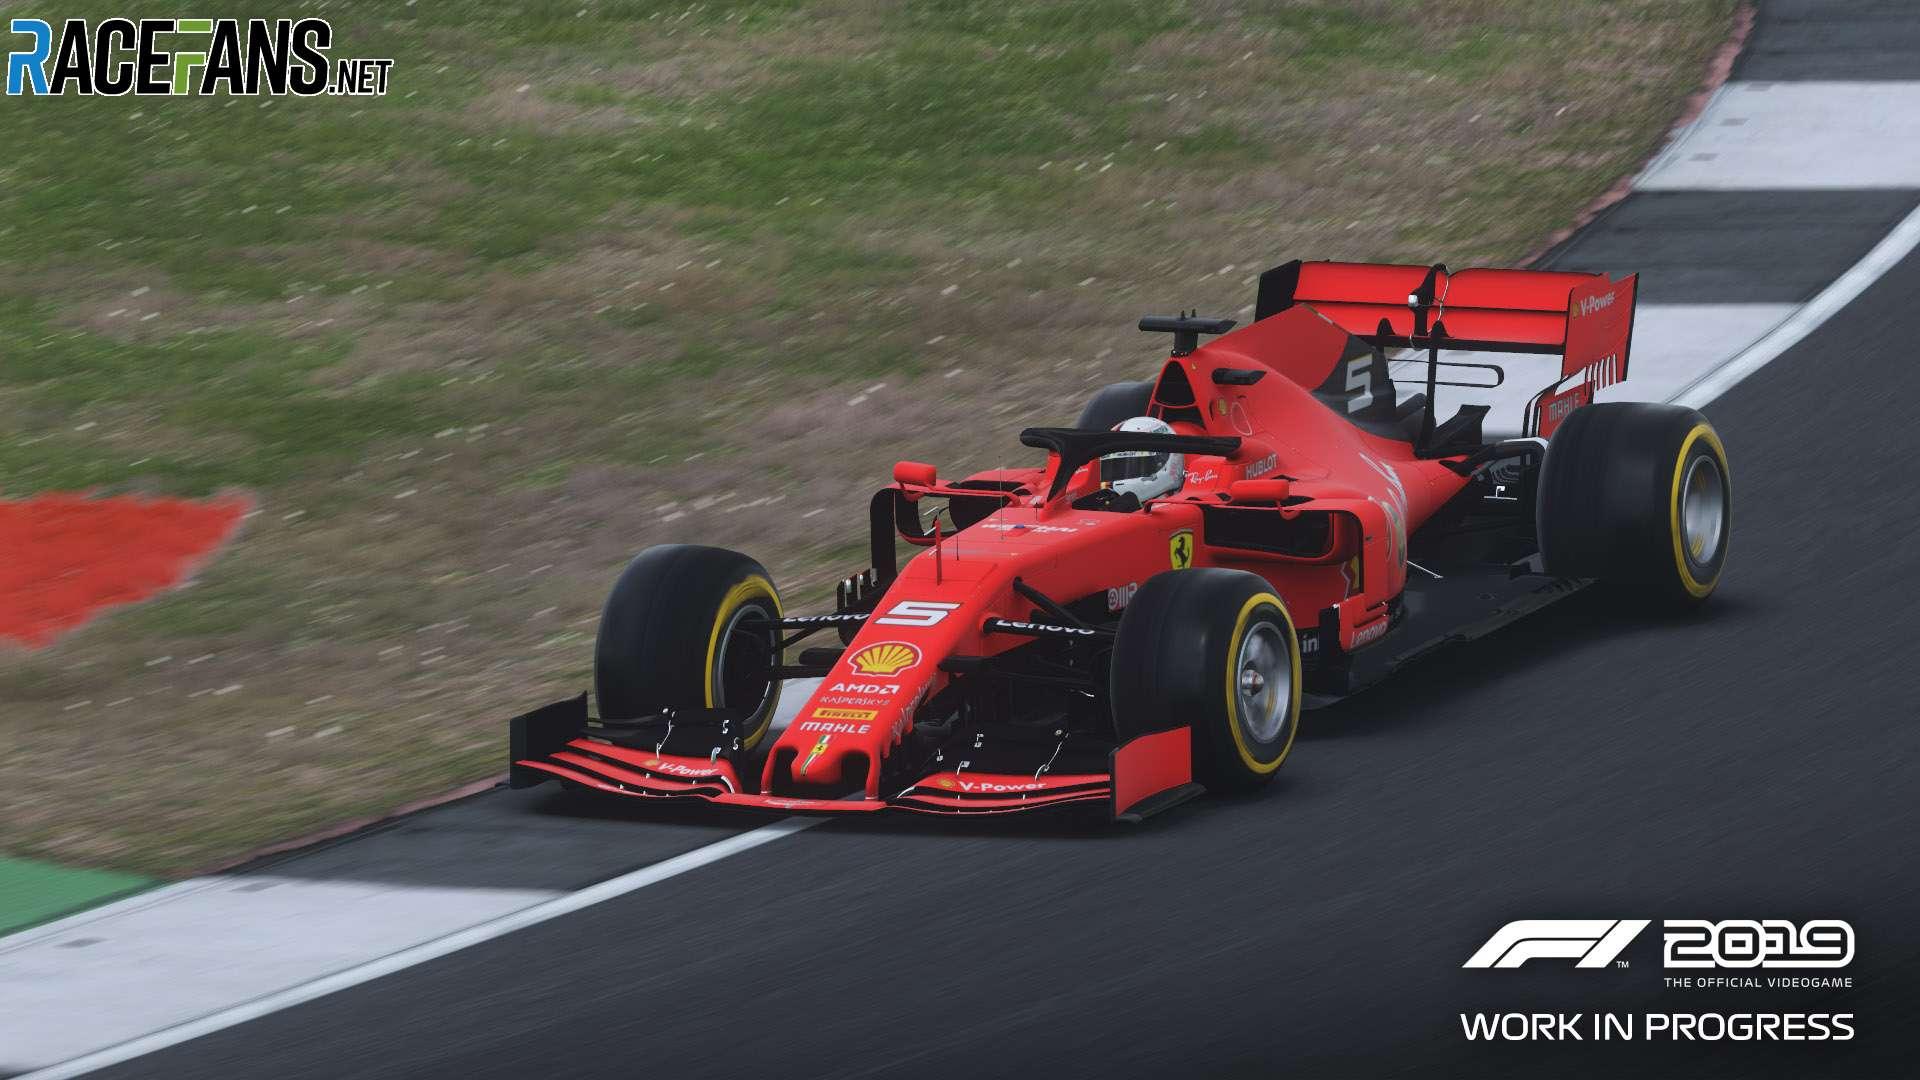 F1 2019: Ferrari